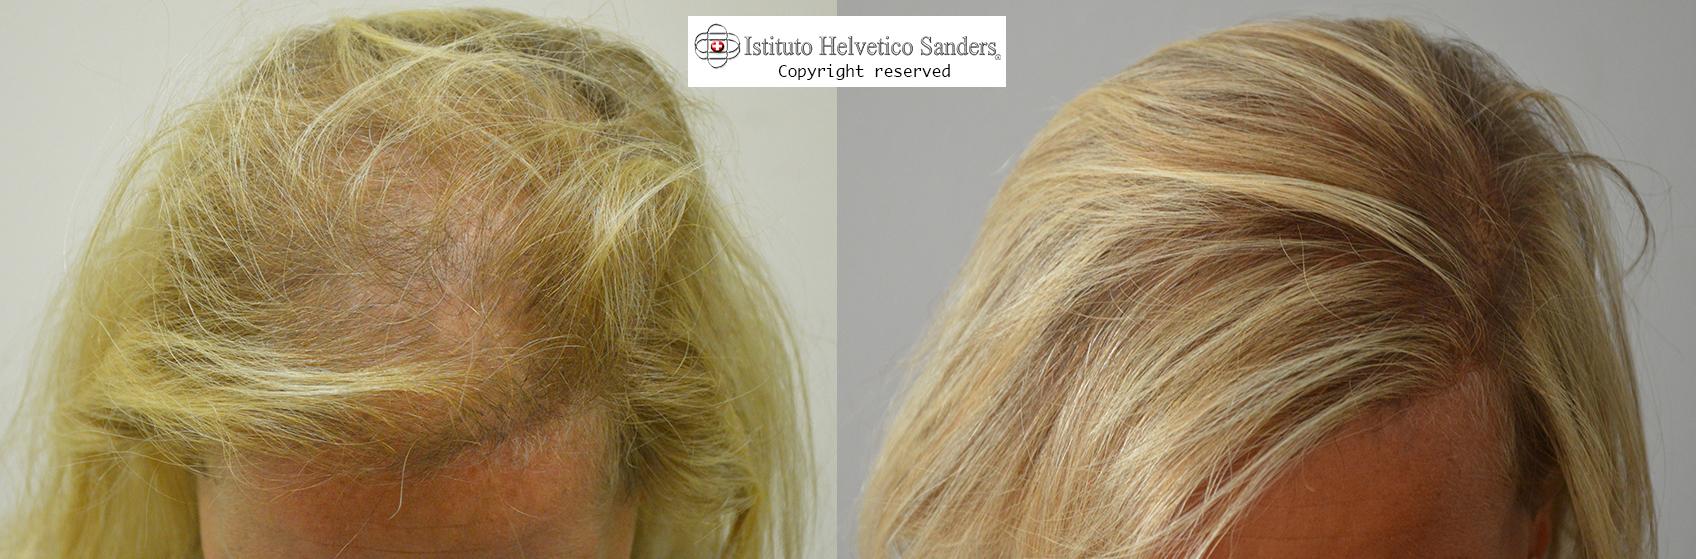 Trapianto capelli donne napoli